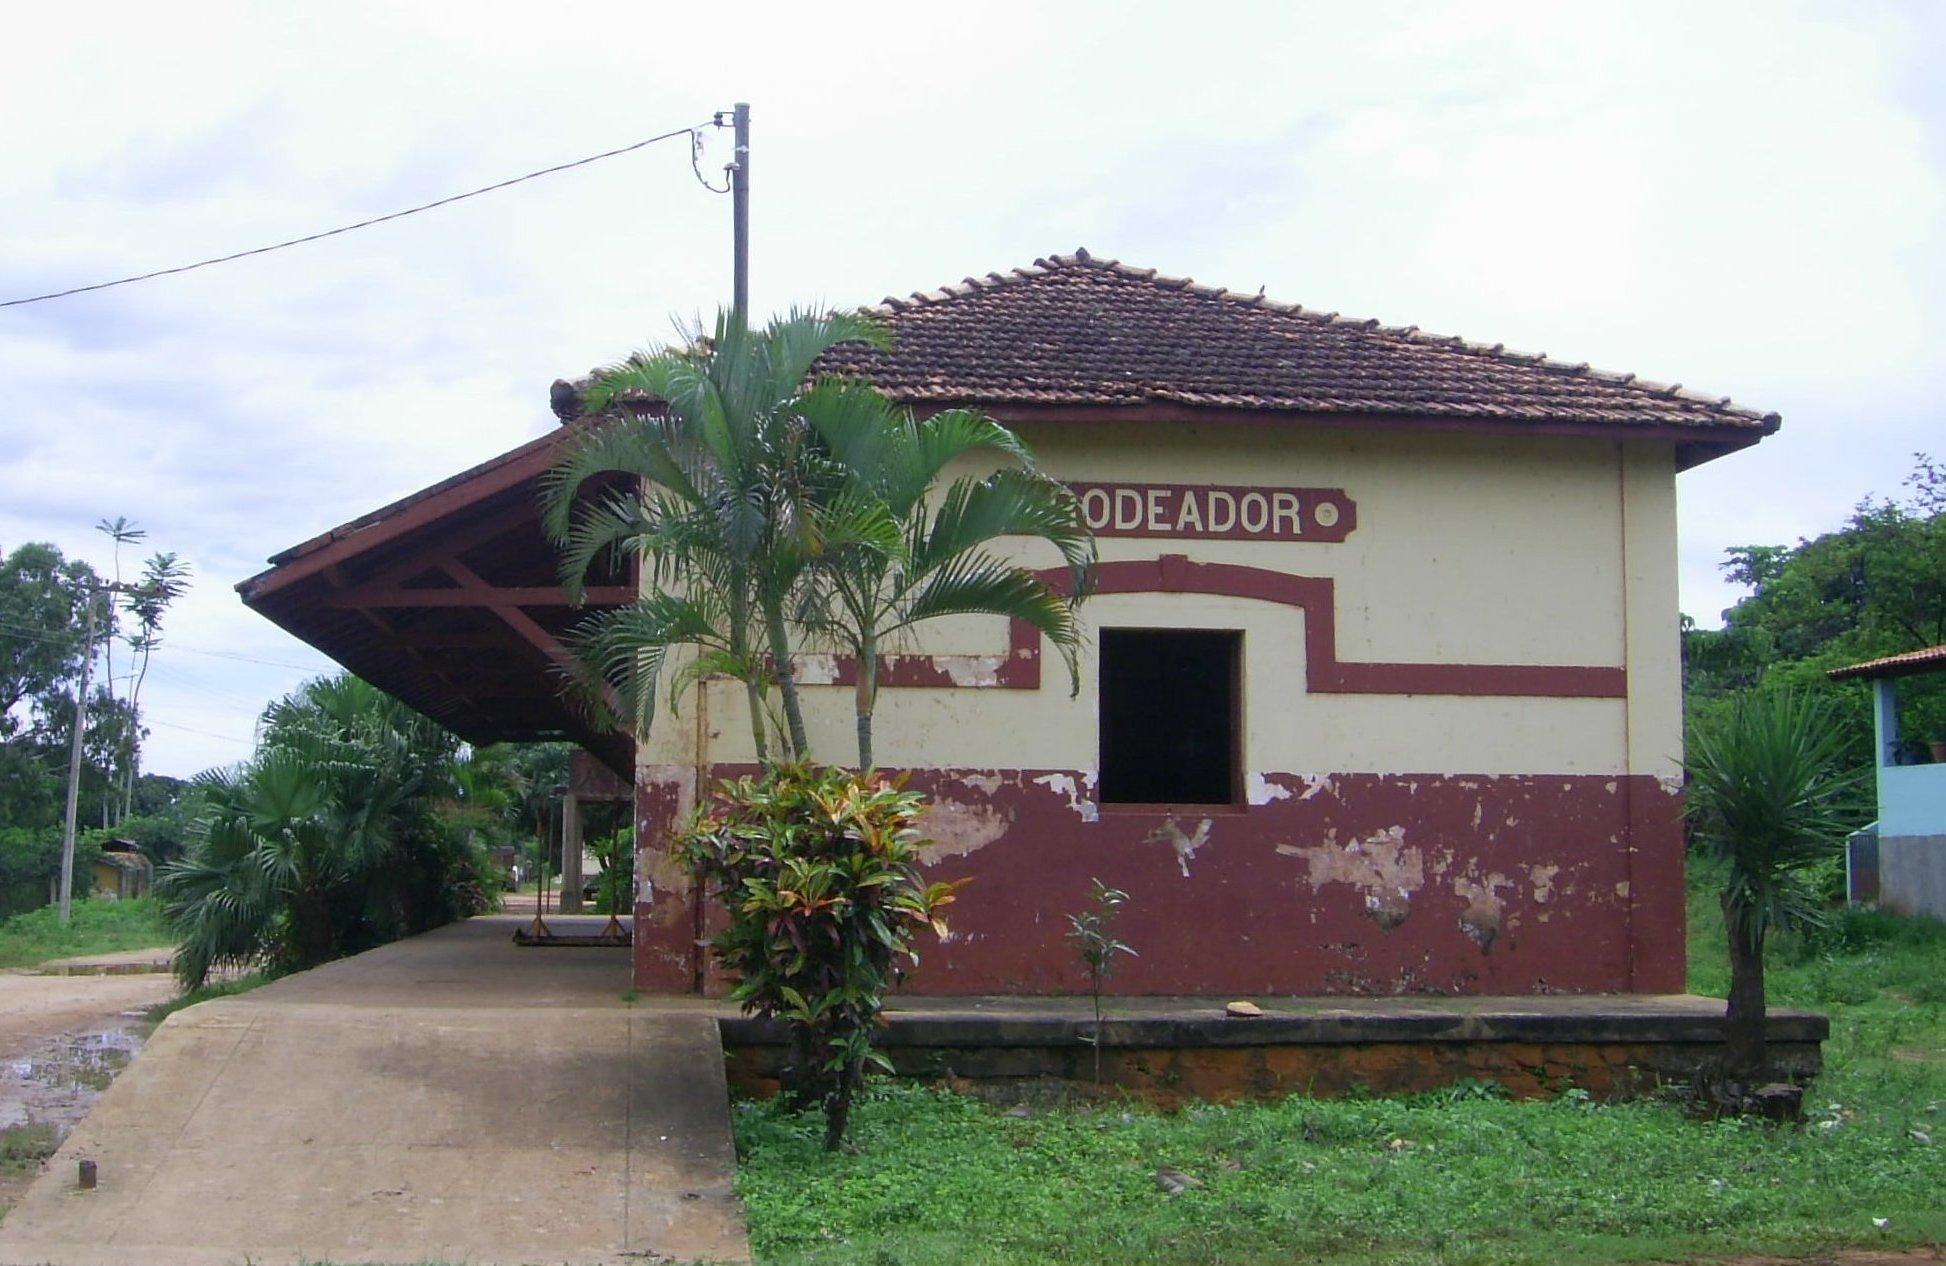 Monjolos Minas Gerais fonte: upload.wikimedia.org